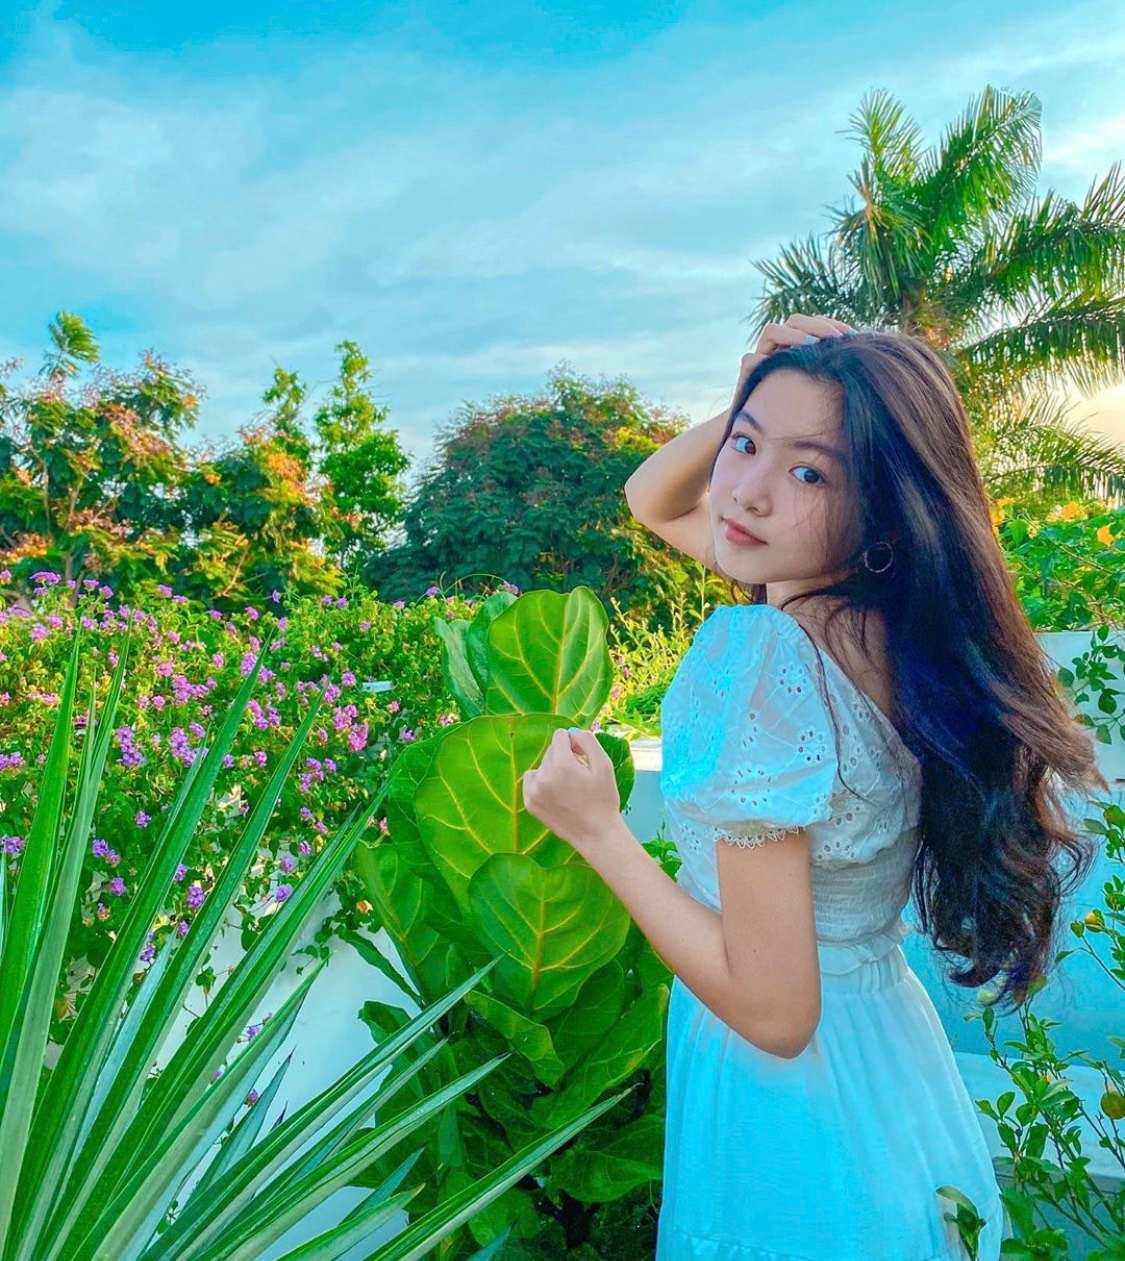 Bố nói con không dùng Facebook, dân tình phát hiện trang MXH con gái Quyền Linh, đăng toàn ảnh Hot-5